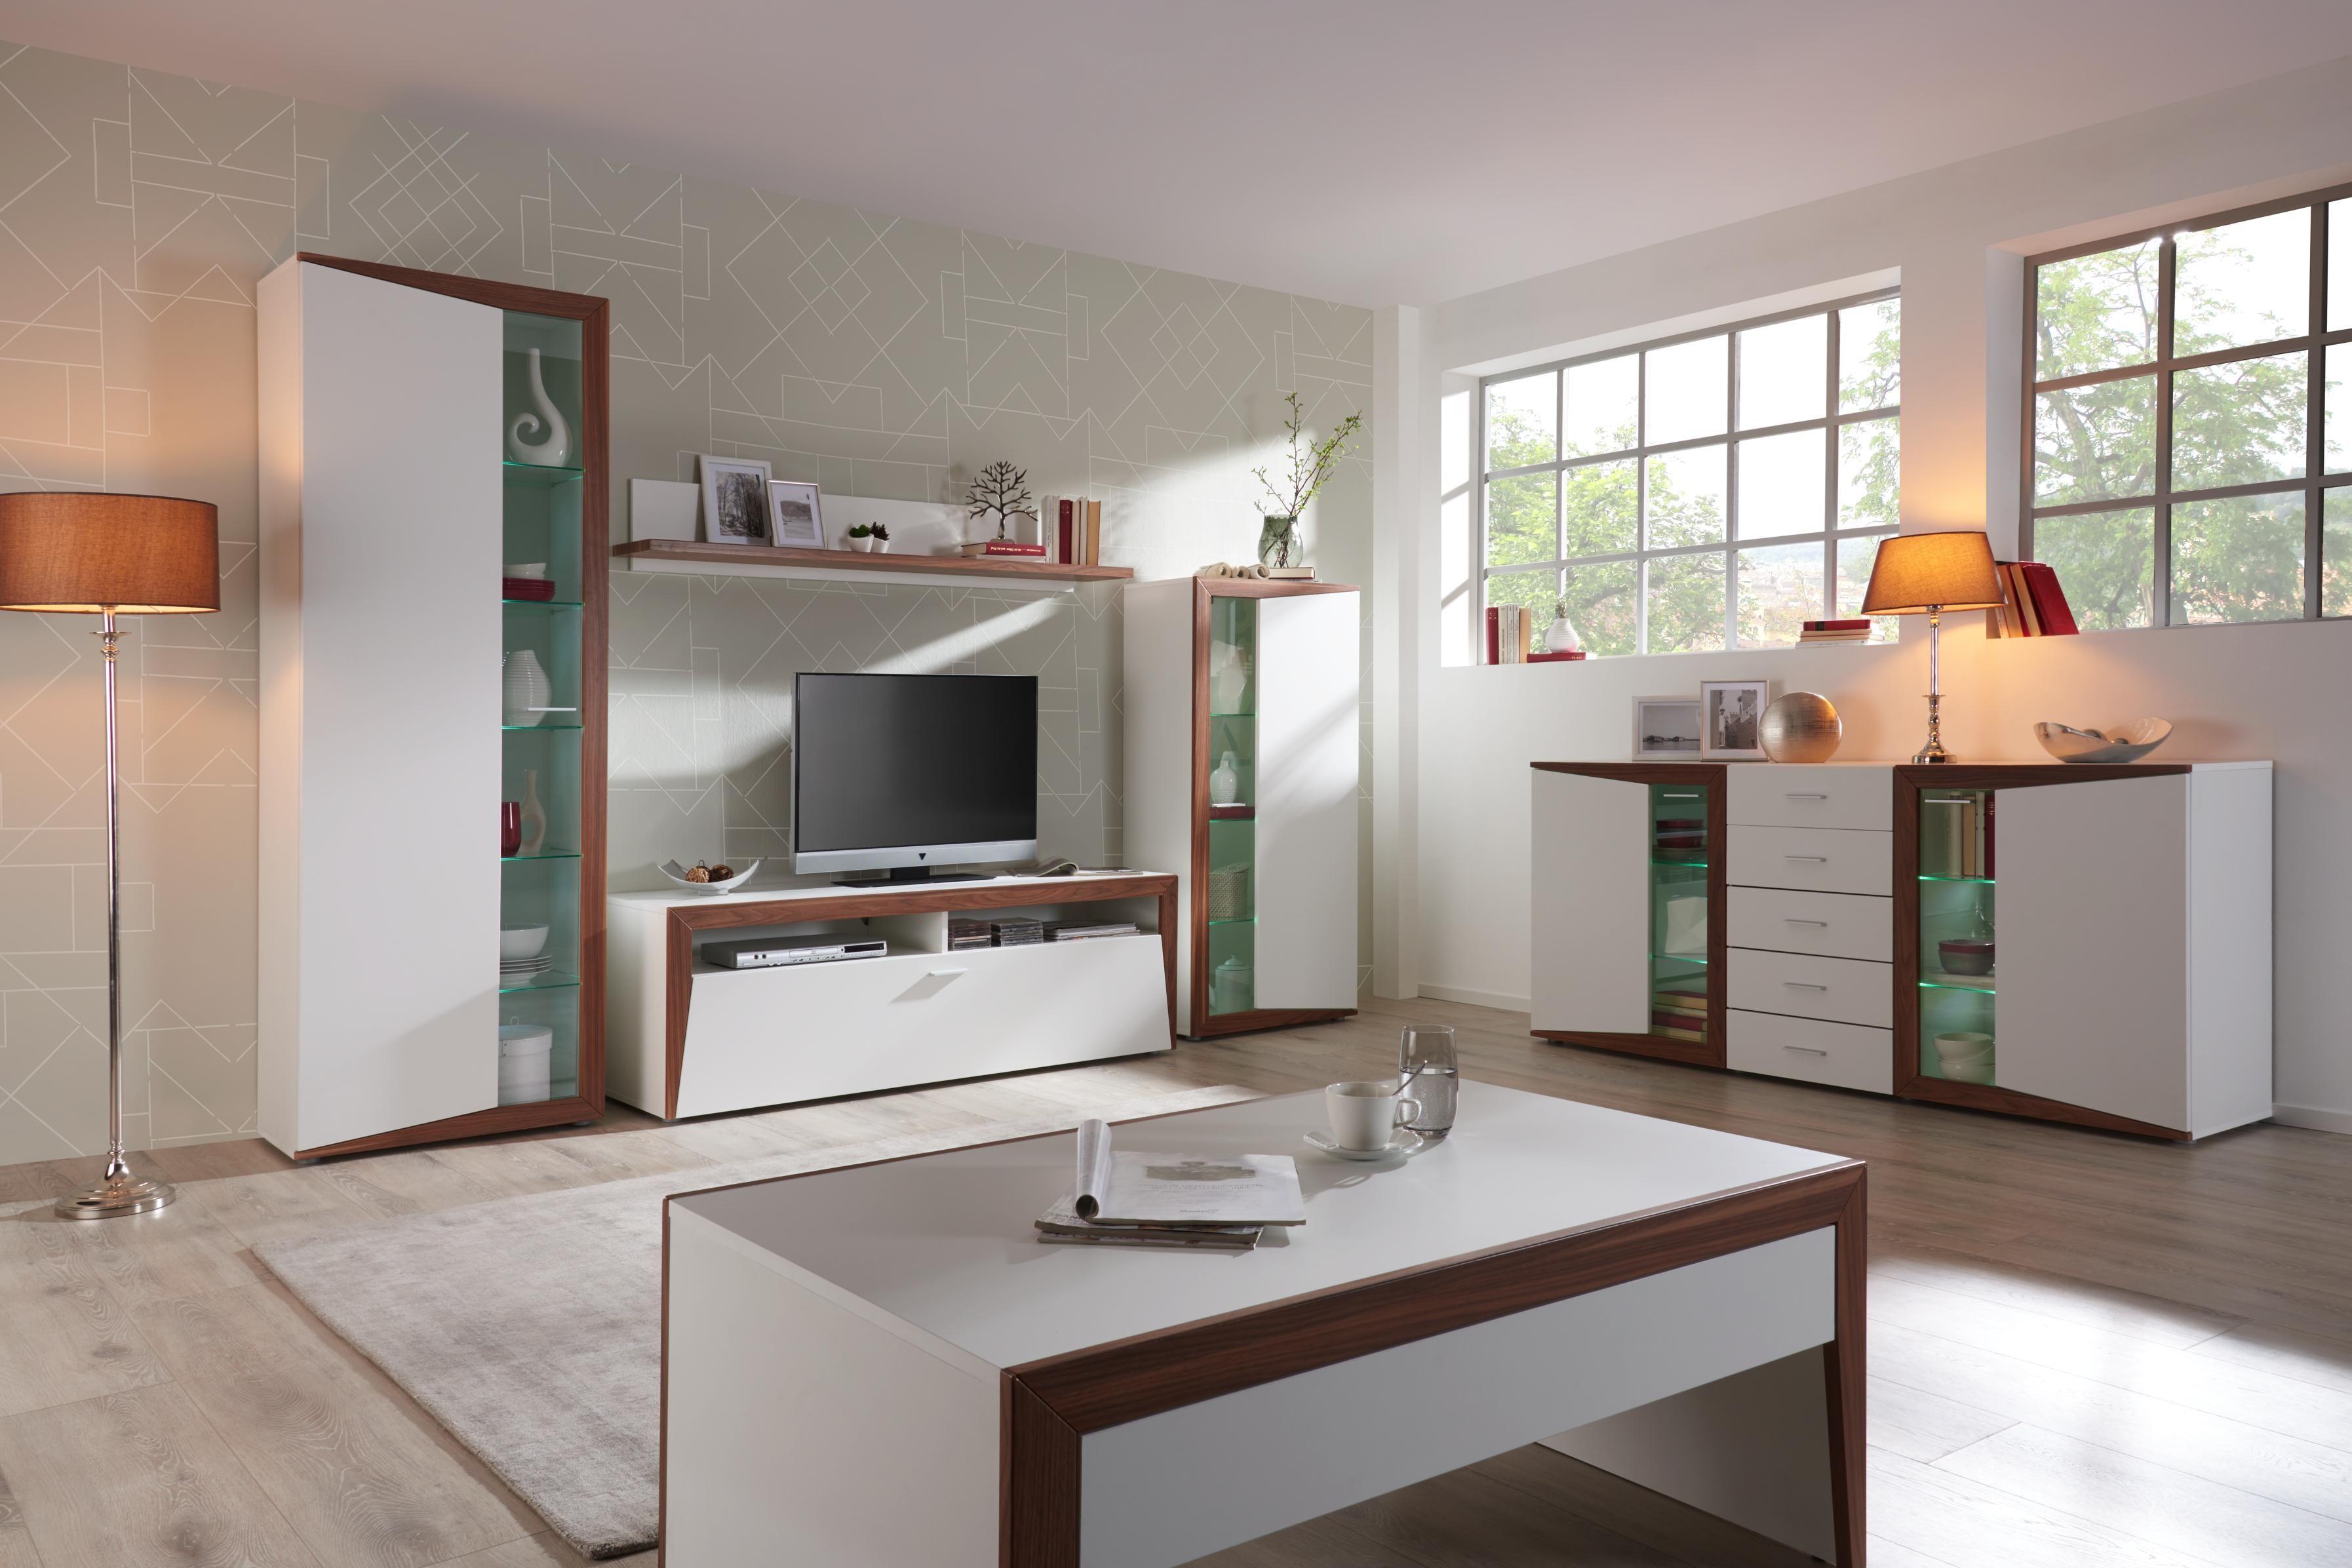 Hülsta wohnzimmertisch ~ Et dining table by hülsta werke hüls apartment